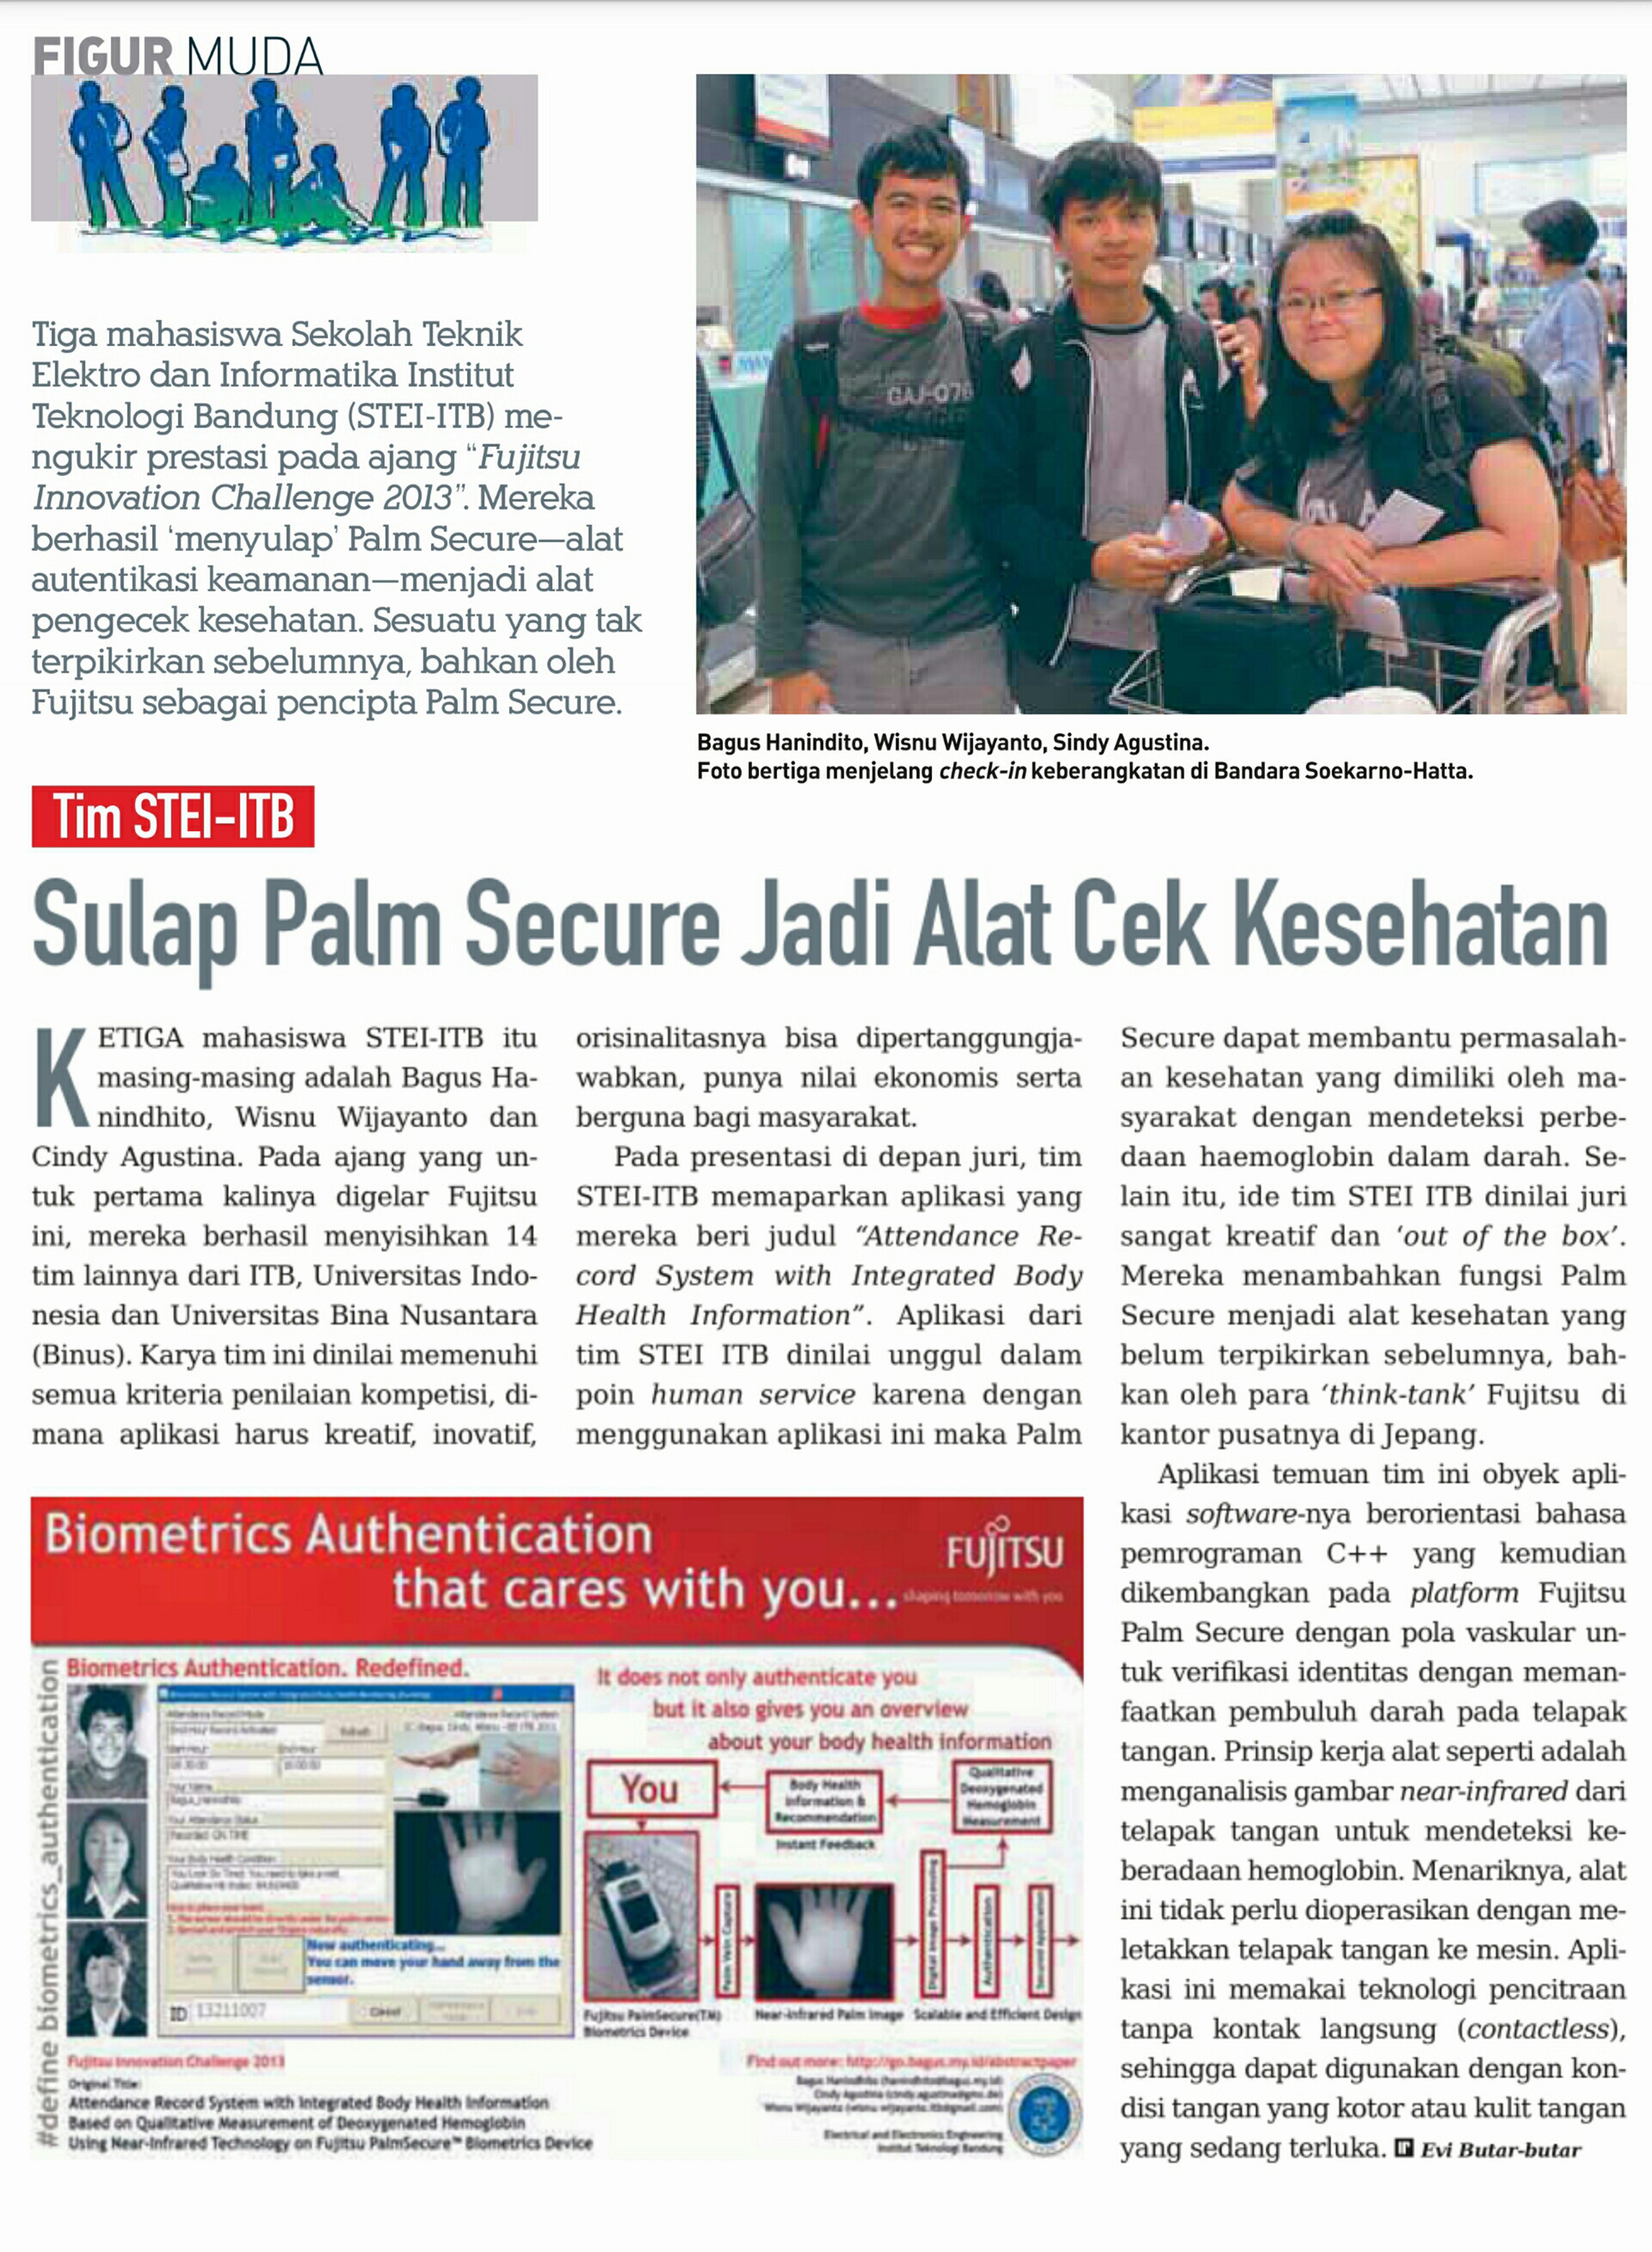 Publication on Inspirasi Insinyur Magazine (Engineer Inspiration Magazine Indonesia)